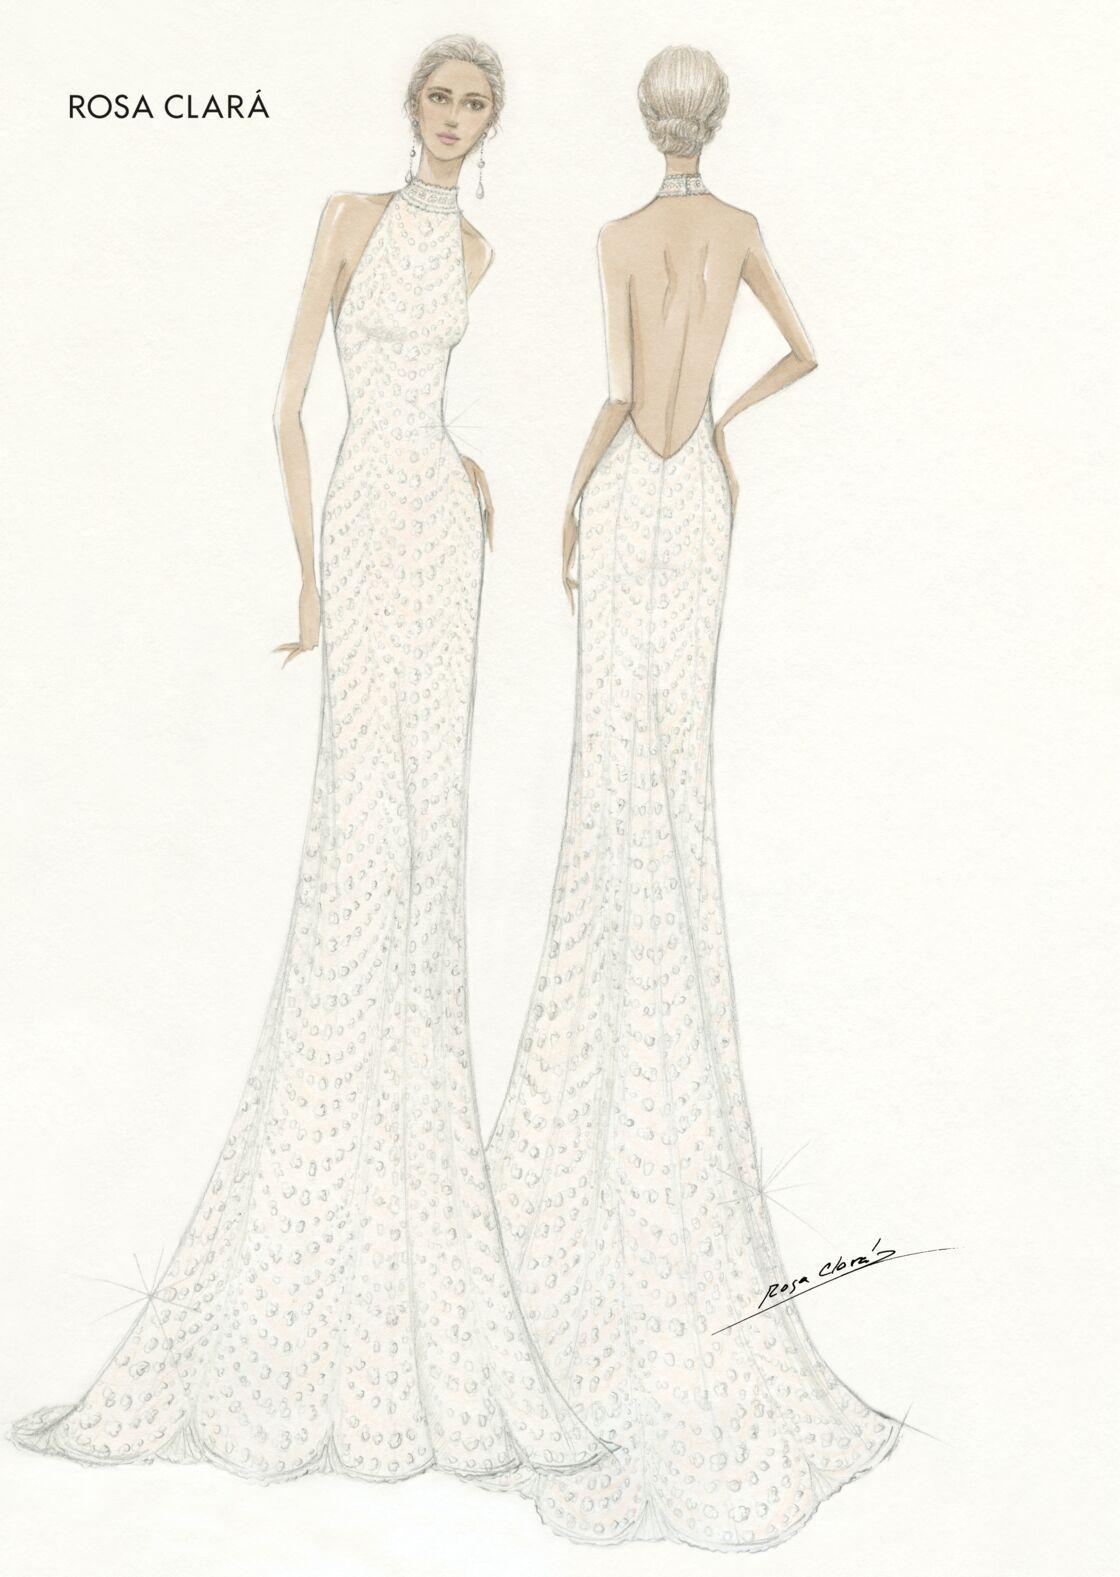 Le croquis de la seconde robe de mariée de Xisca.